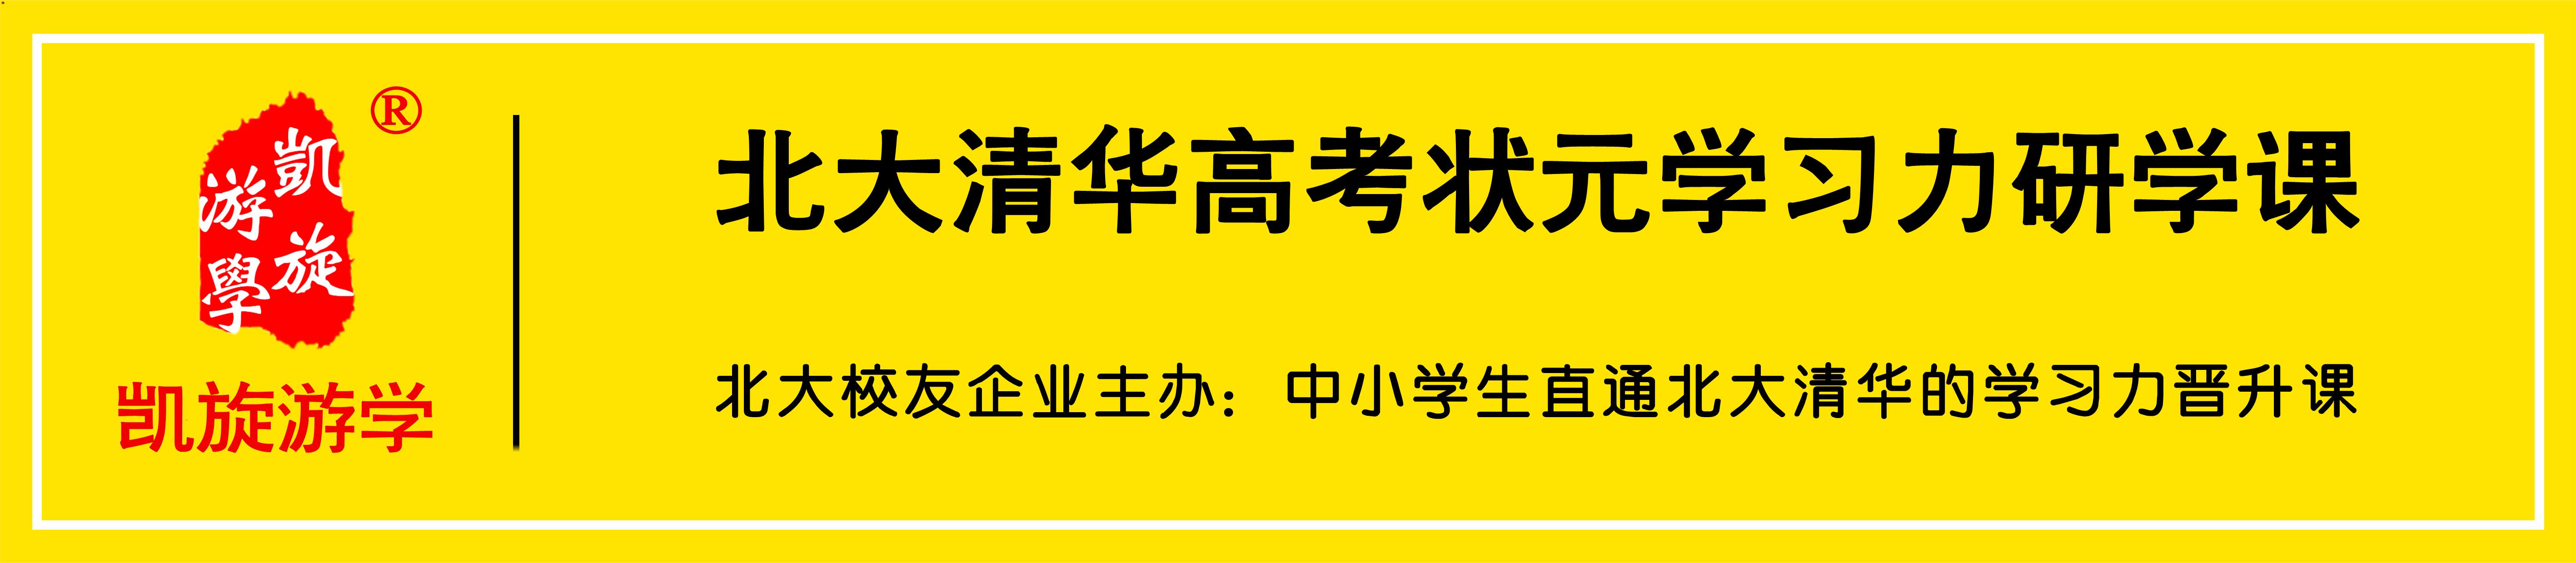 2018江西高招一本投档情况公布 北京大学理科689分